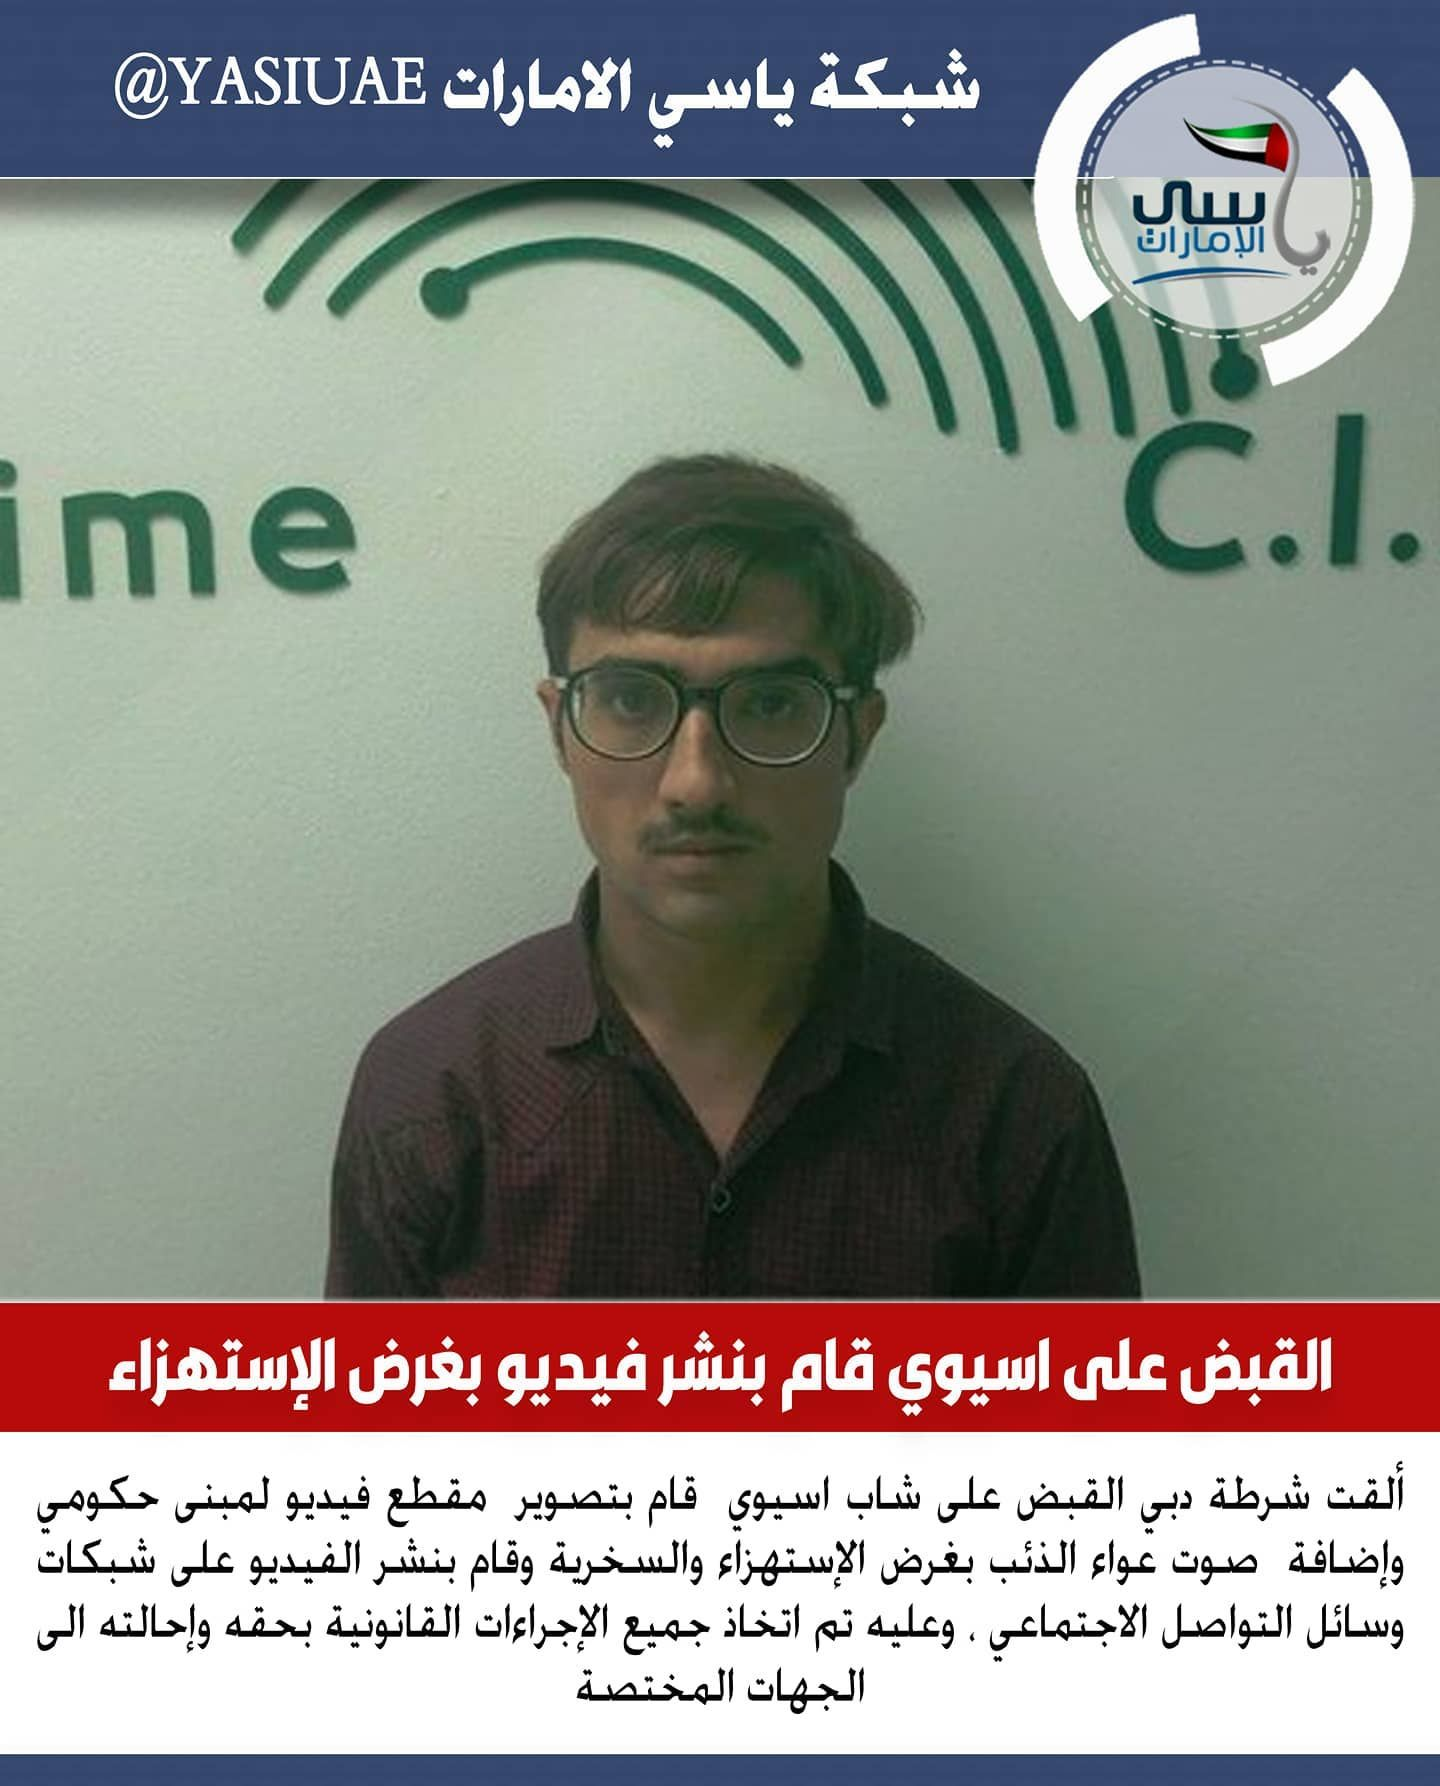 ياسي الامارات ألقت شرطة دبي القبض على شاب اسيوي قام بتصوير مقطع فيديو لمبنى حكومي وإضافة صوت عواء الذئب بغرض الإسته Incoming Call Screenshot Incoming Call